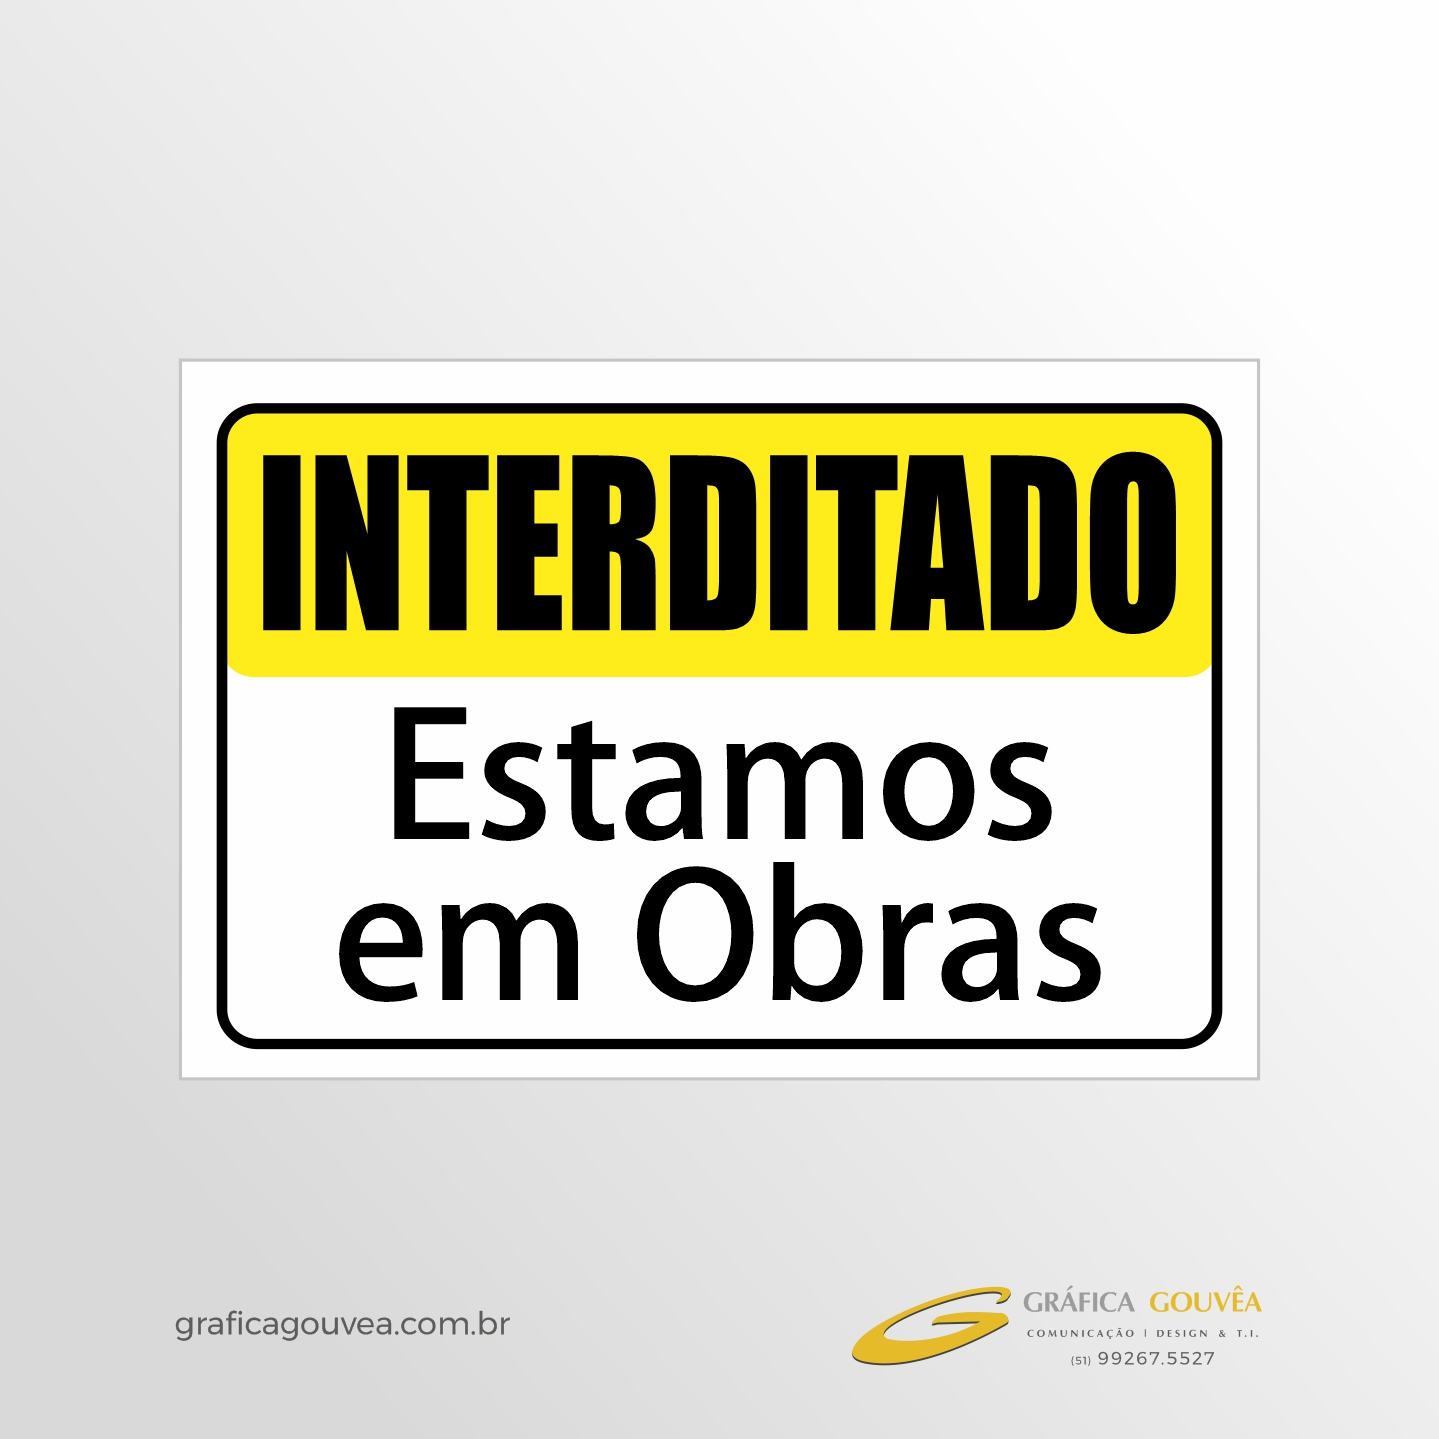 CRIAÇÕES GRÁFICAS EM CAMAQUÃ - RS